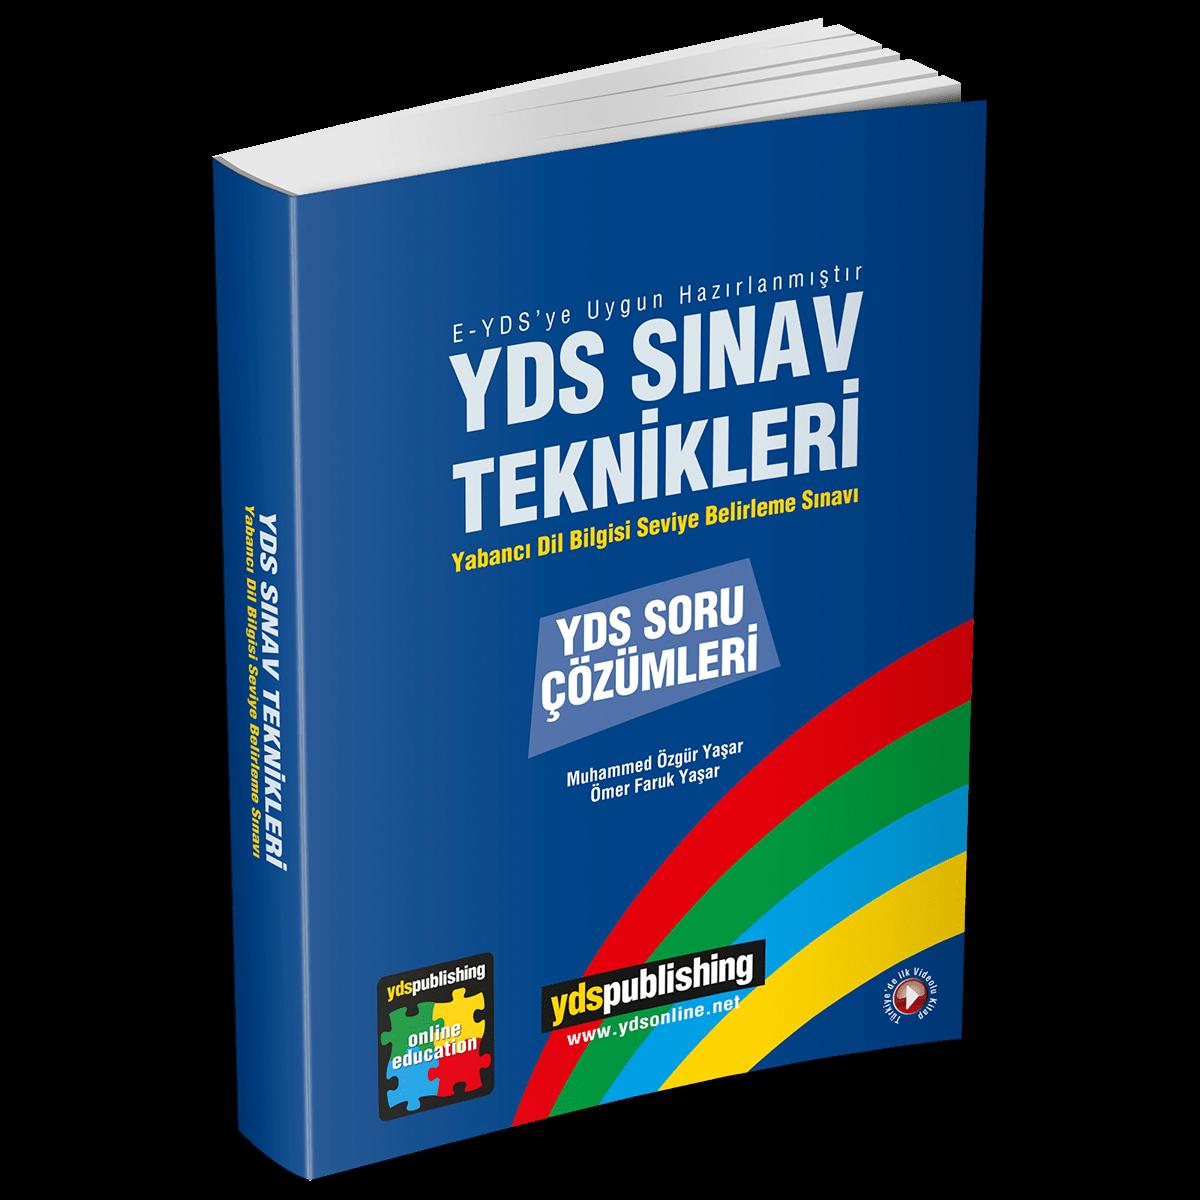 YDS Sınav Teknikleri yds sınav teknikleri YDS Sınav Teknikleri – Video açıklamalı İngilizce çözüm stratejileri yds sinav teknikleri 002 min 1200x1200